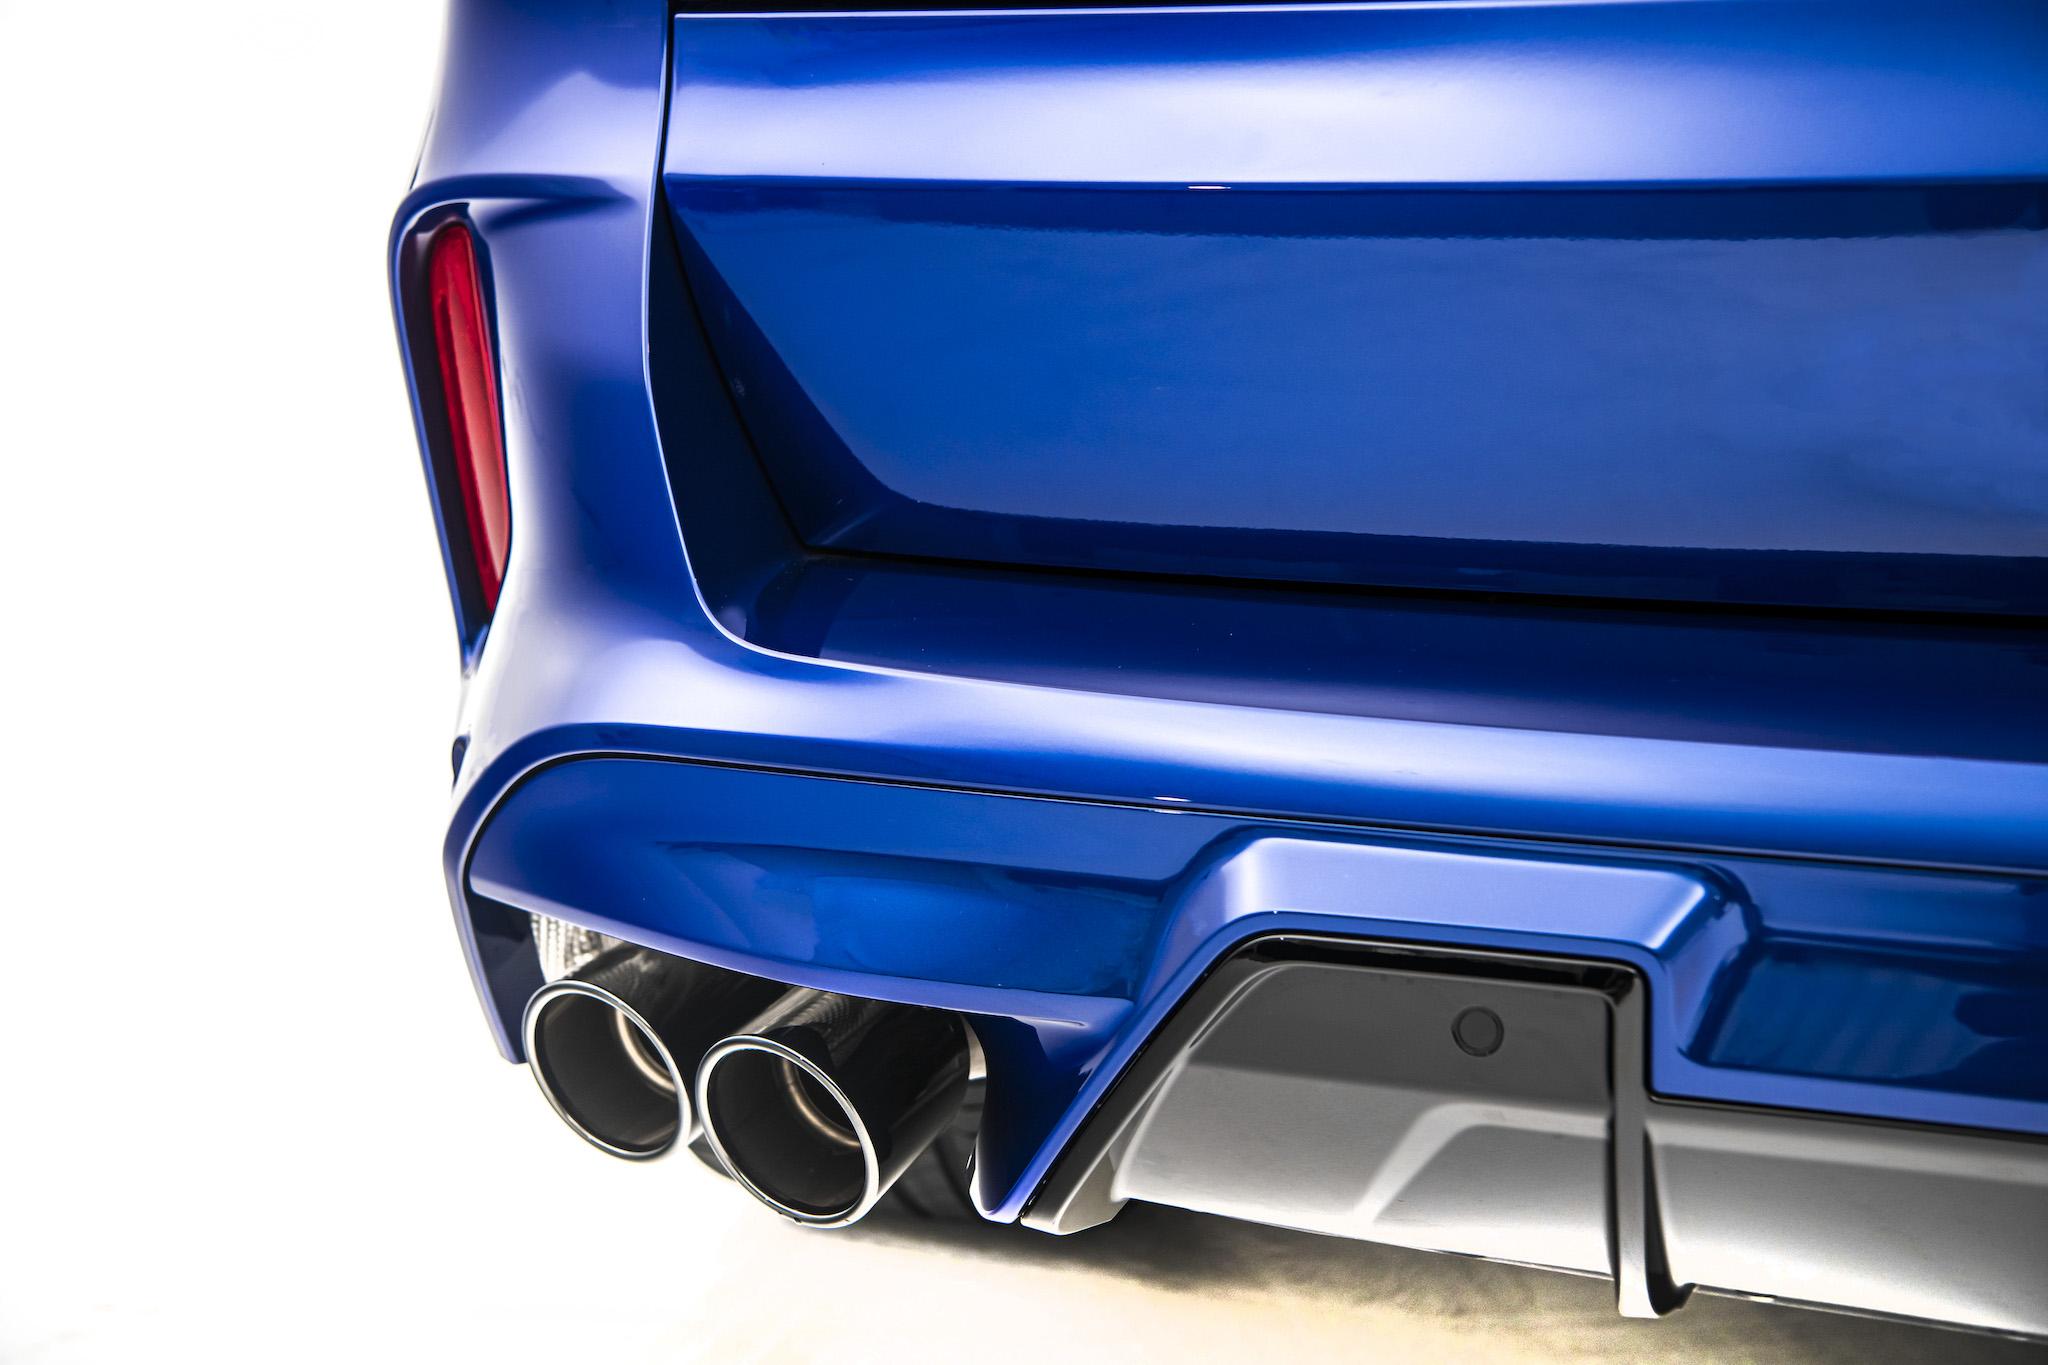 黑色雙邊雙出尾管的 M 運動化排氣系統讓 X5 M 引擎聲浪更為狂野渾厚。